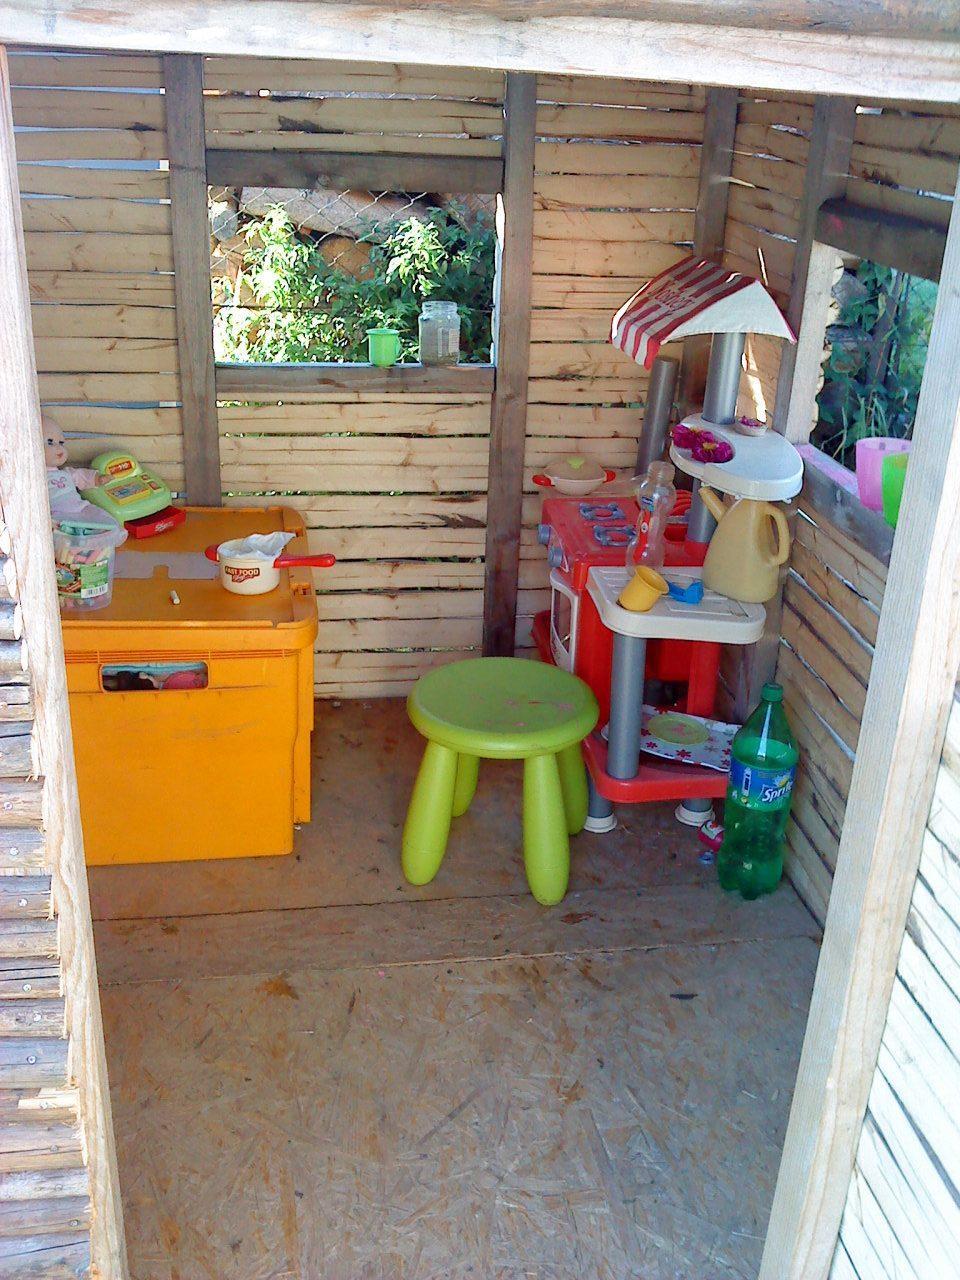 Naše bývanie - Interiér domčeka. :-) To tam bol ešte poriadok...